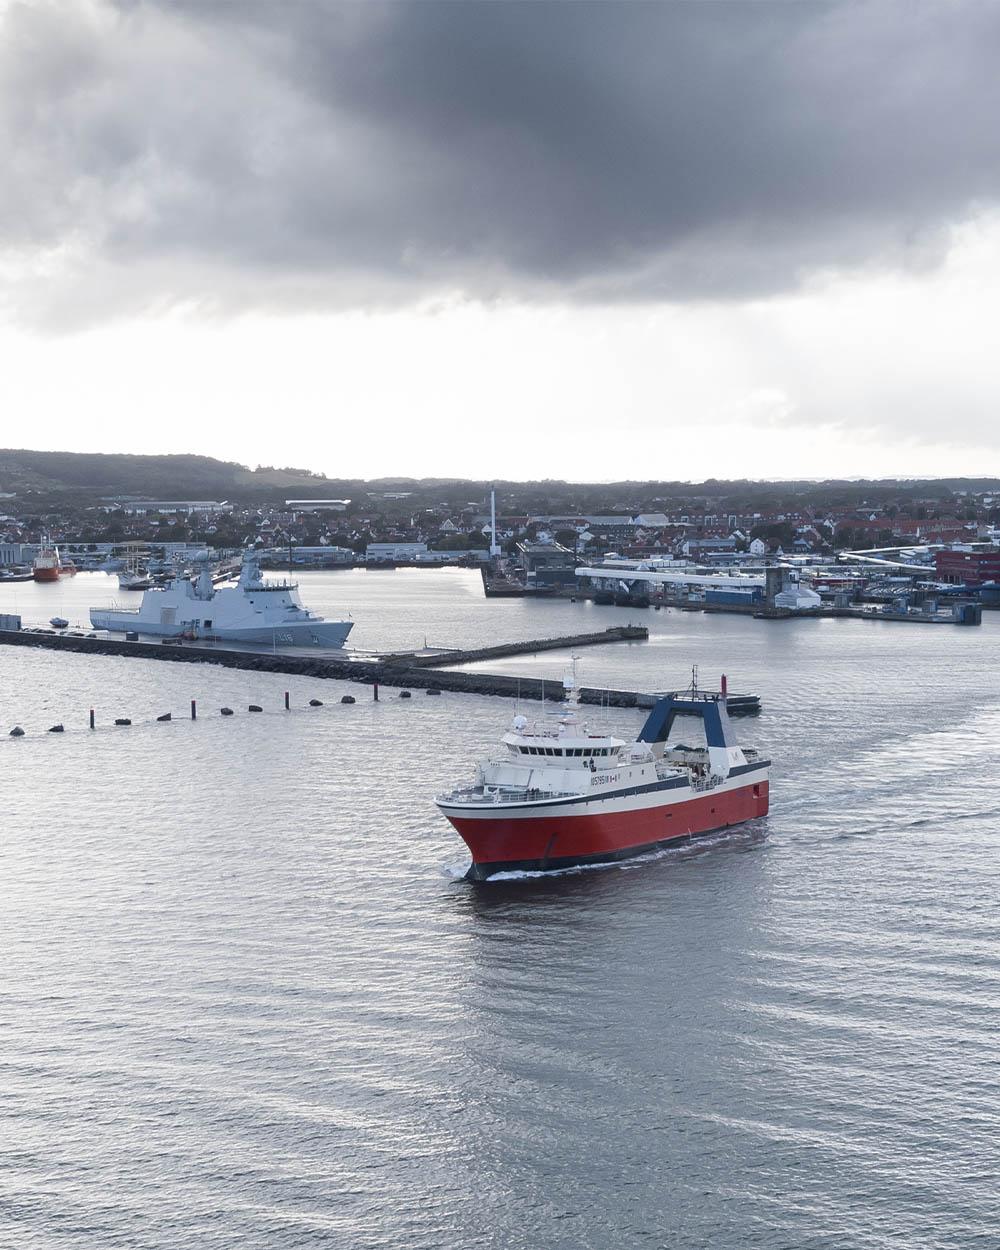 Sirena AS, Mersey Phoenix leaving port